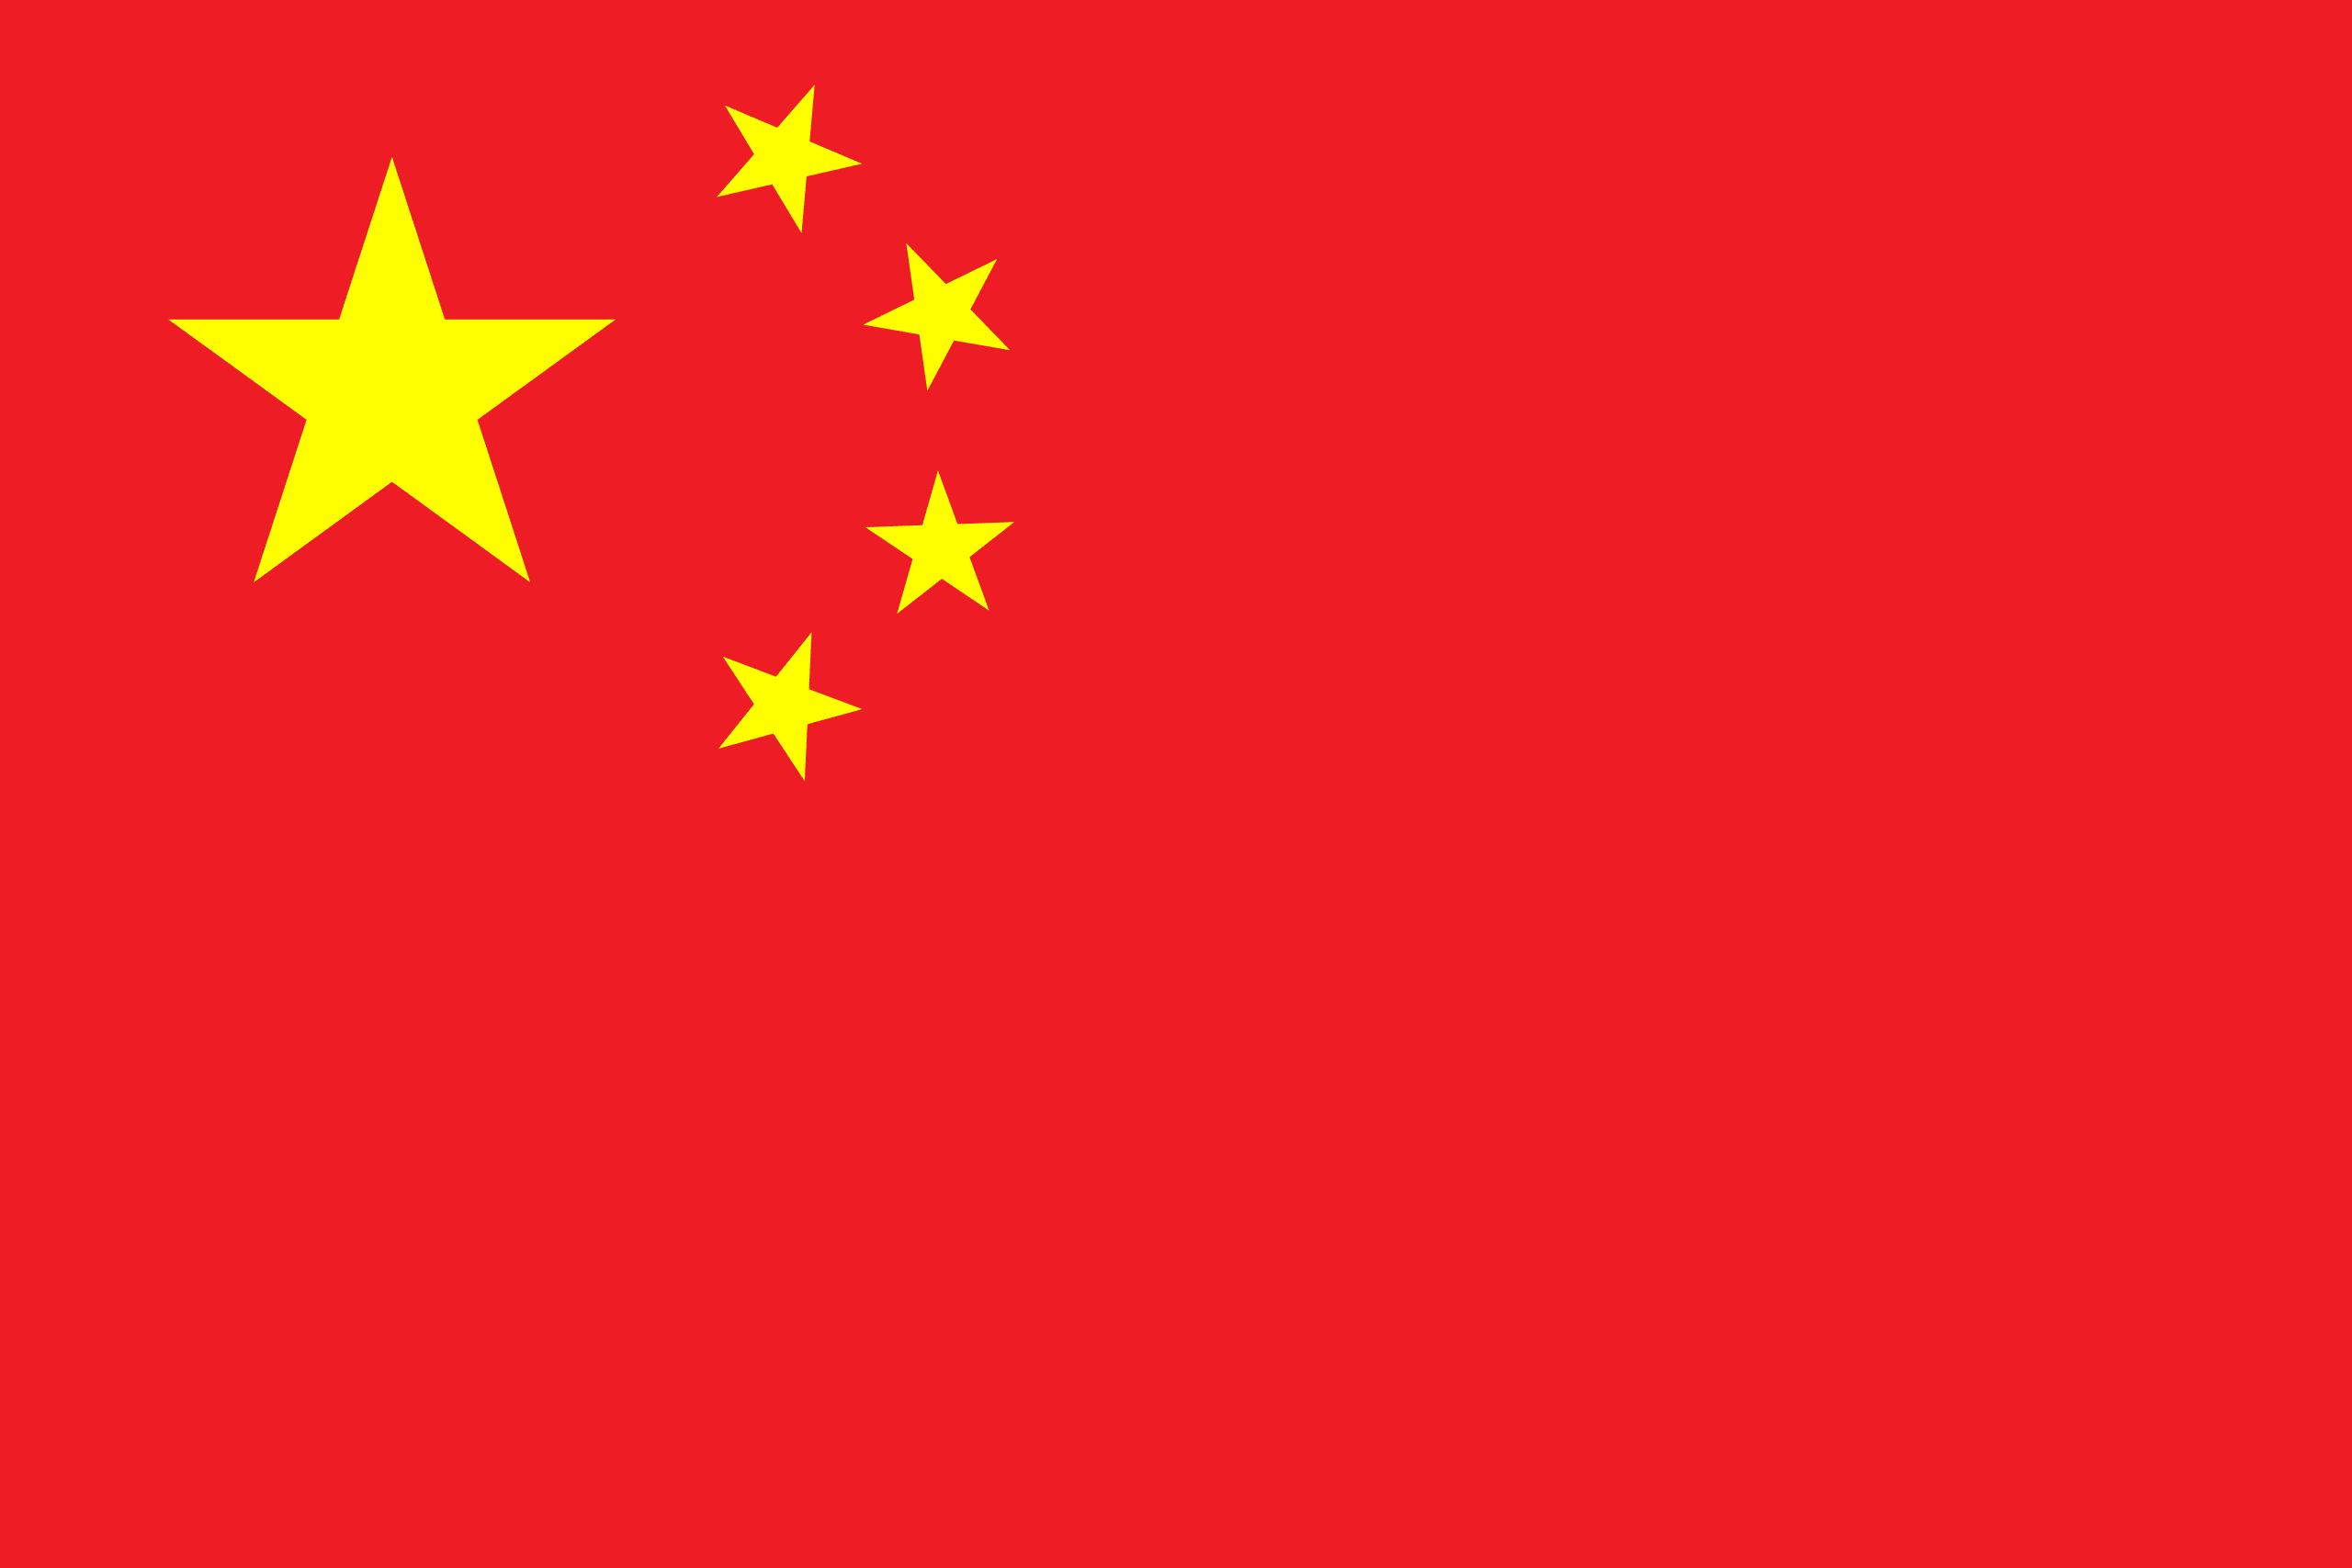 çin bayrağı ile ilgili görsel sonucu